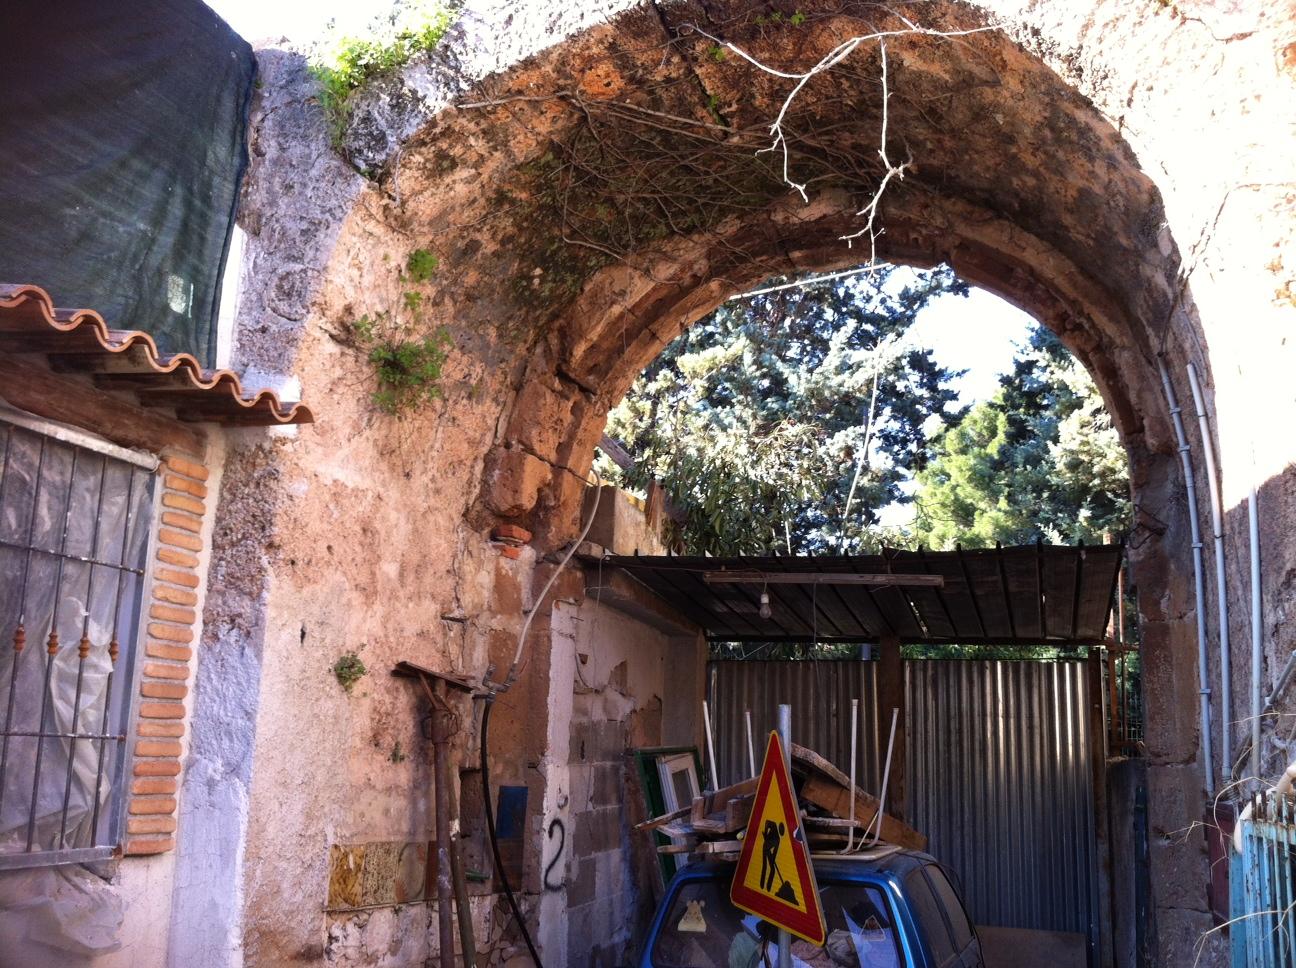 Sequestrata una casa costruita sulle mura del casale for Ottenere una casa costruita